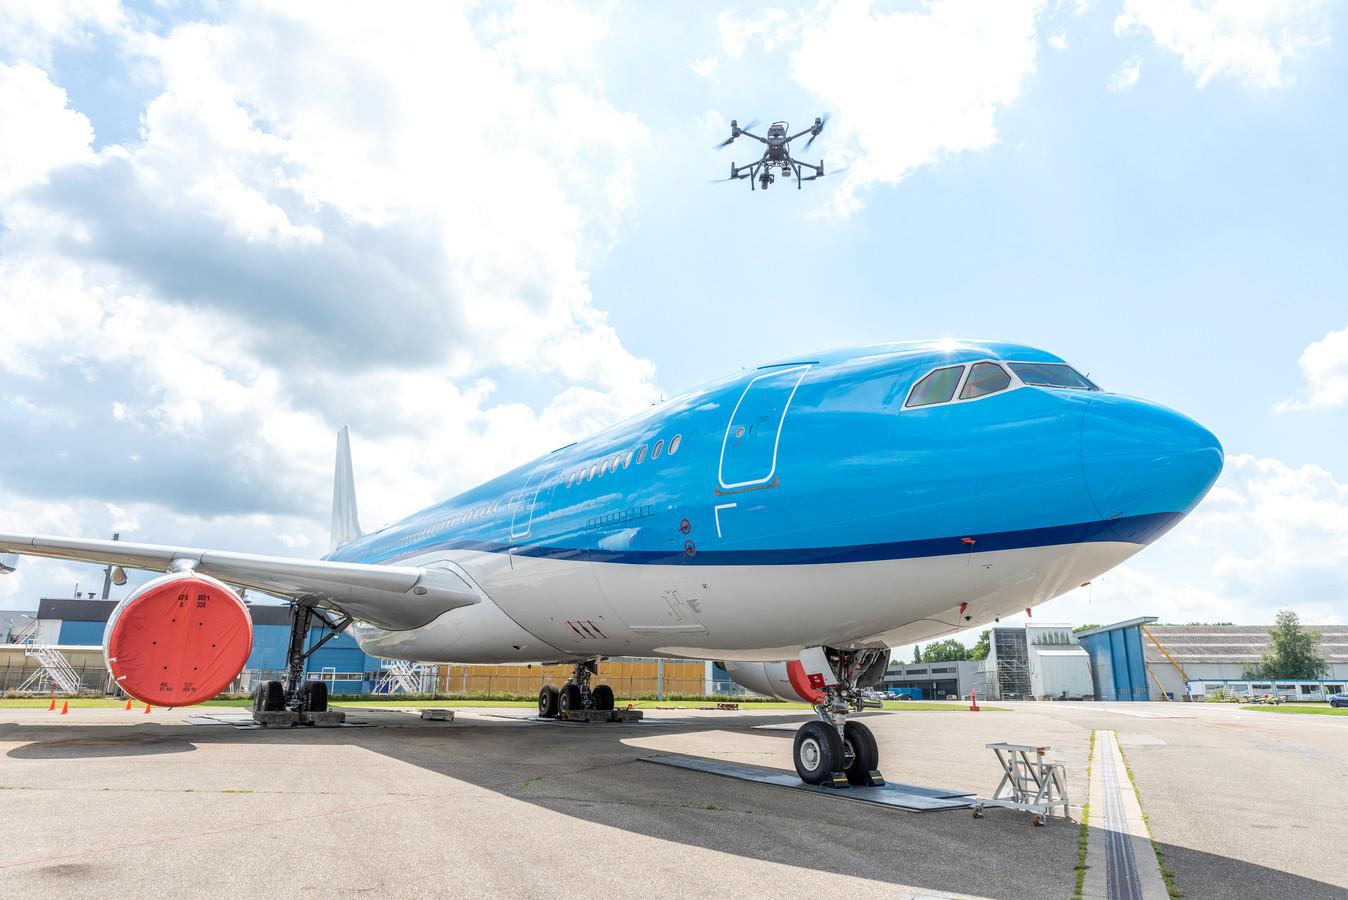 Een vliegtuiginspectie met drones gaat een stuk sneller dan een fysieke controle met technici in een hoogwerker en is dus bovendien minder risicovol, aldus Jochem Verboom van het bedrijf Mainblades.